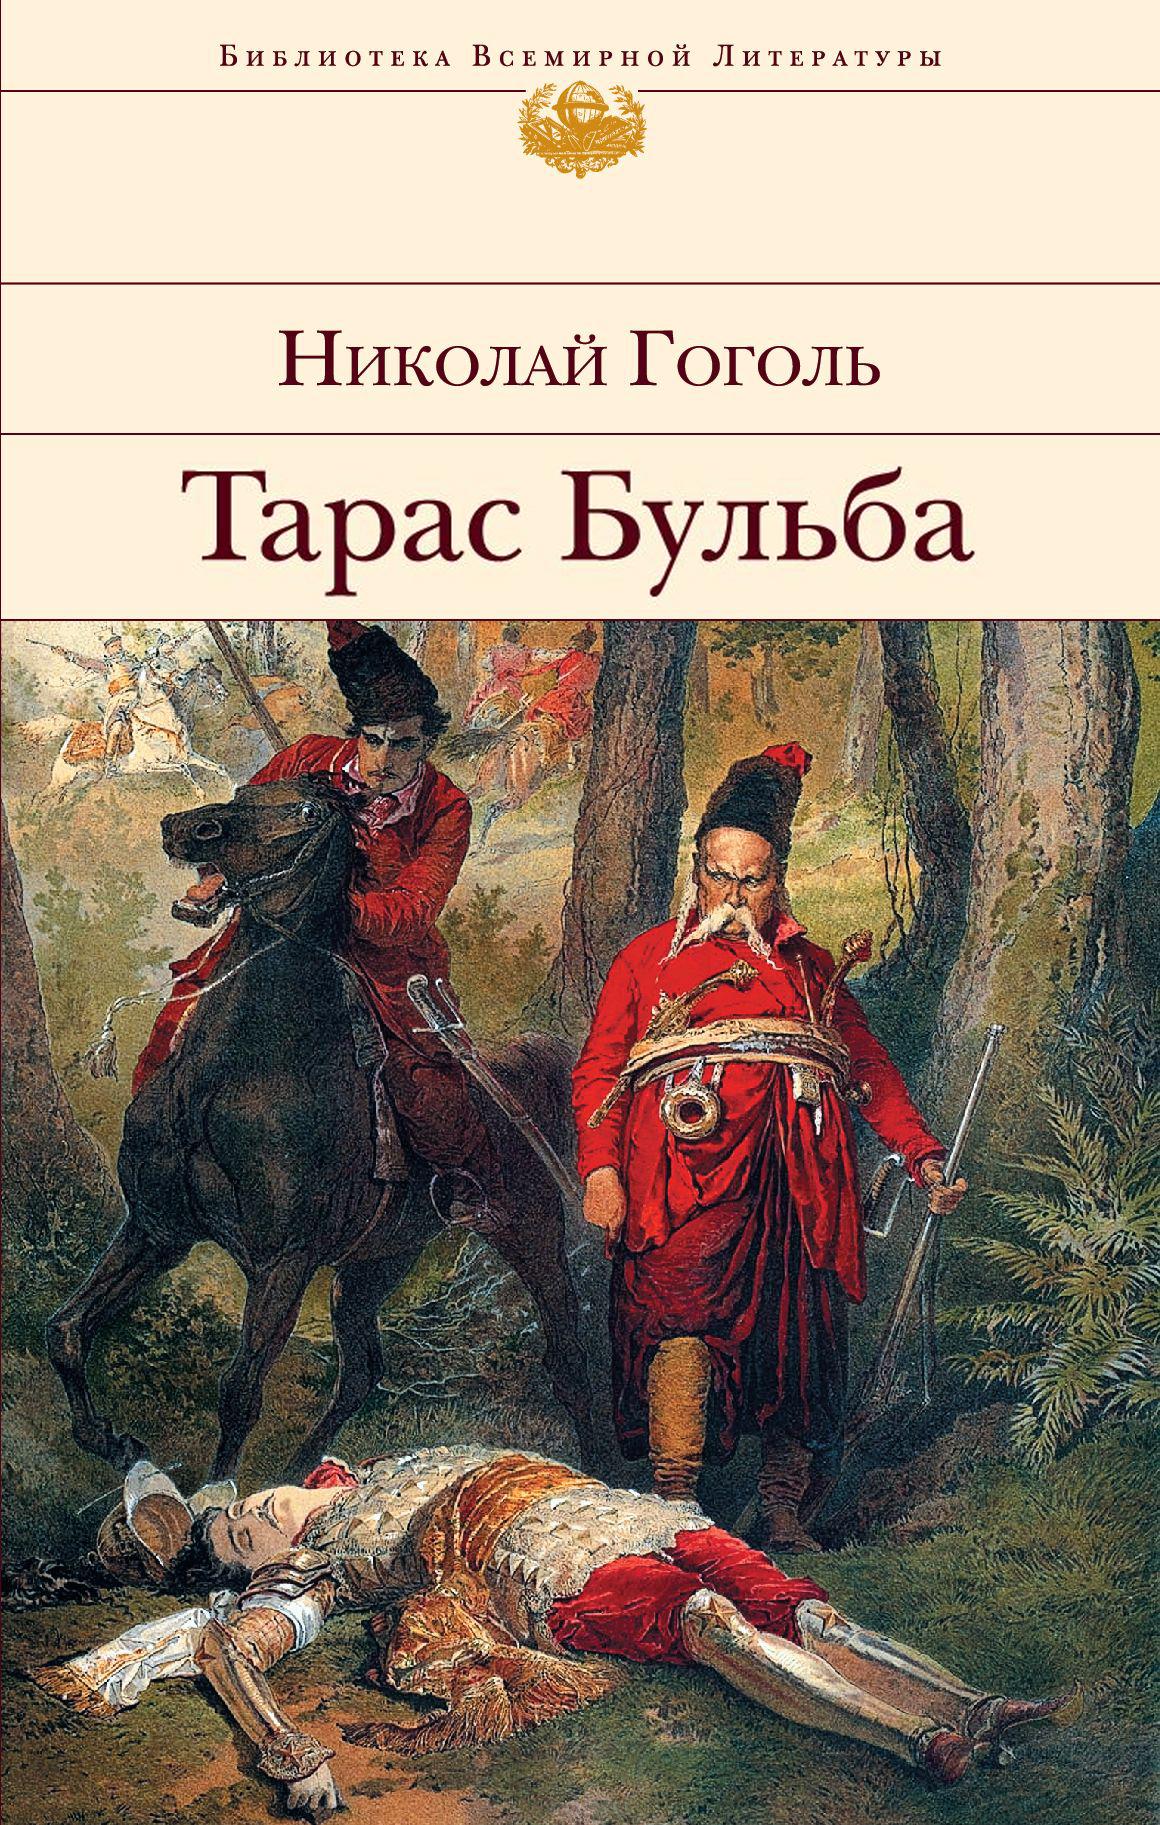 Николай Гоголь Тарас Бульба неизвестный автор н н голицын материалы для исследования подольской губернии